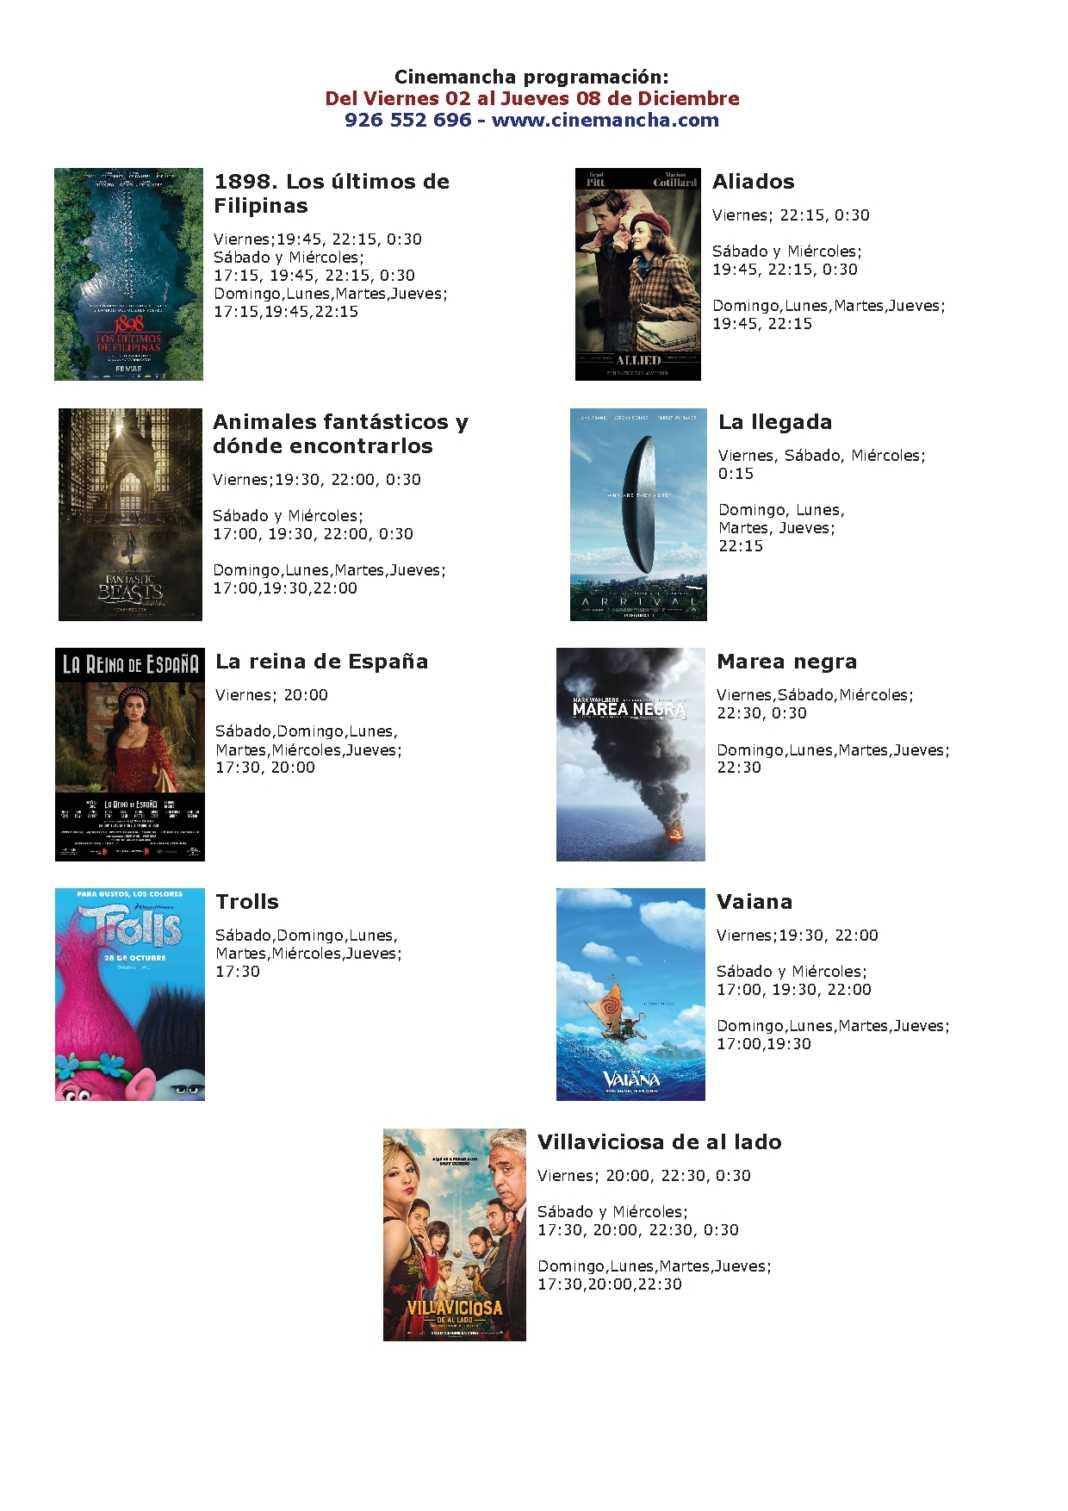 cartelera de cinemancha del 02 al 08 de diciembre 1068x1511 - Cartelera Cinemancha del 02 al 08 de diciembre